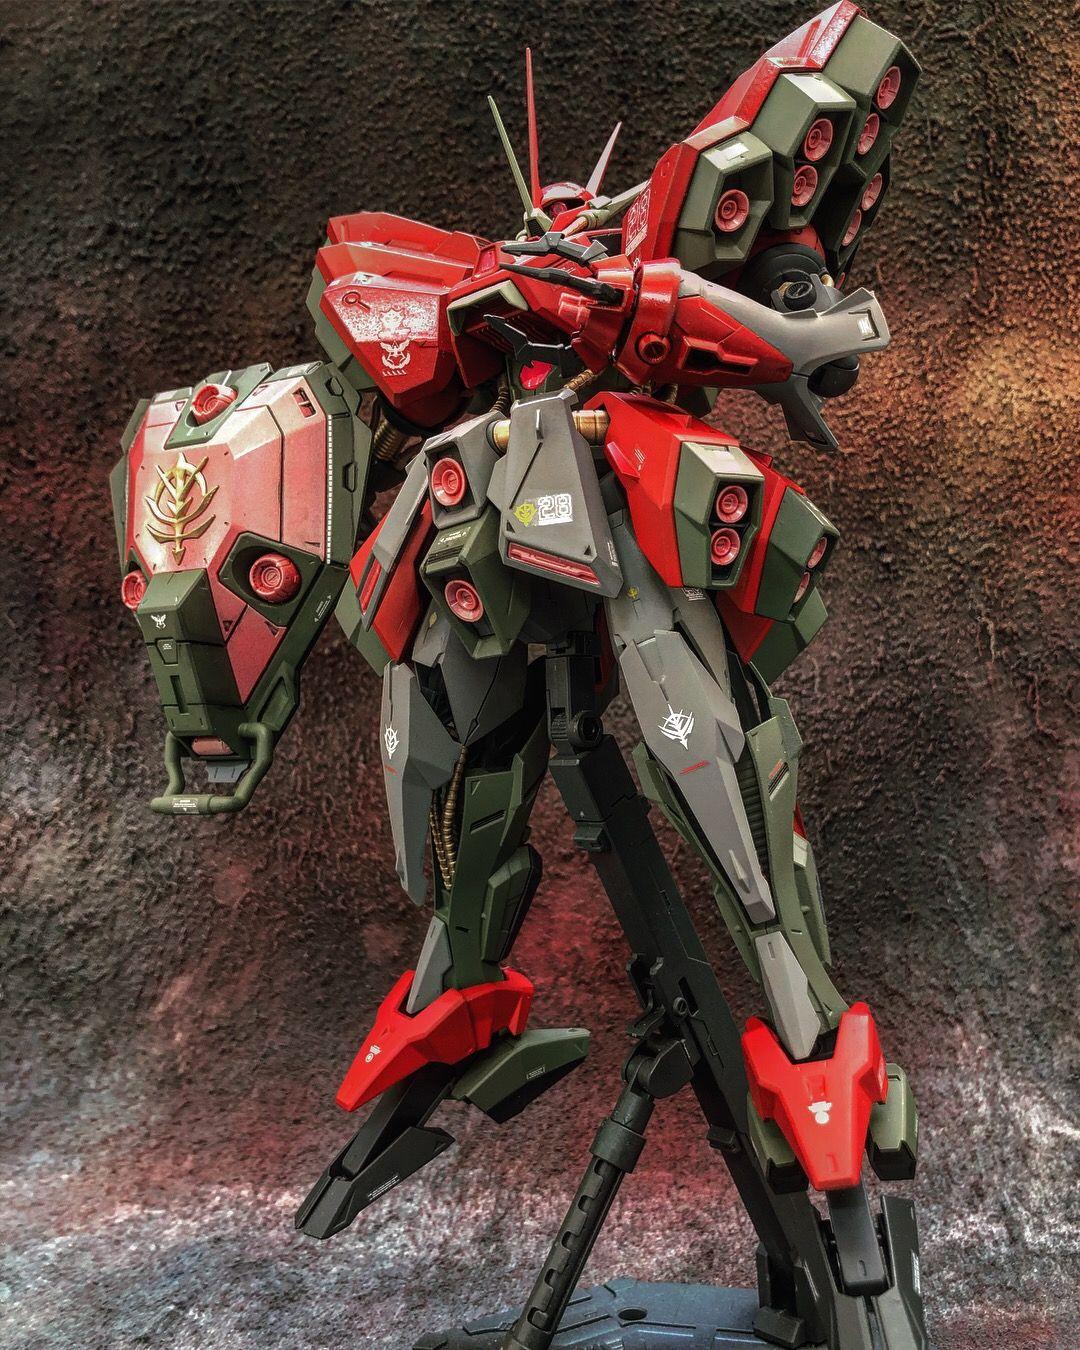 HAMMA HAMMA Sieg Zeon! #gundam #anime #art #gunpla | Gundam | Gundam